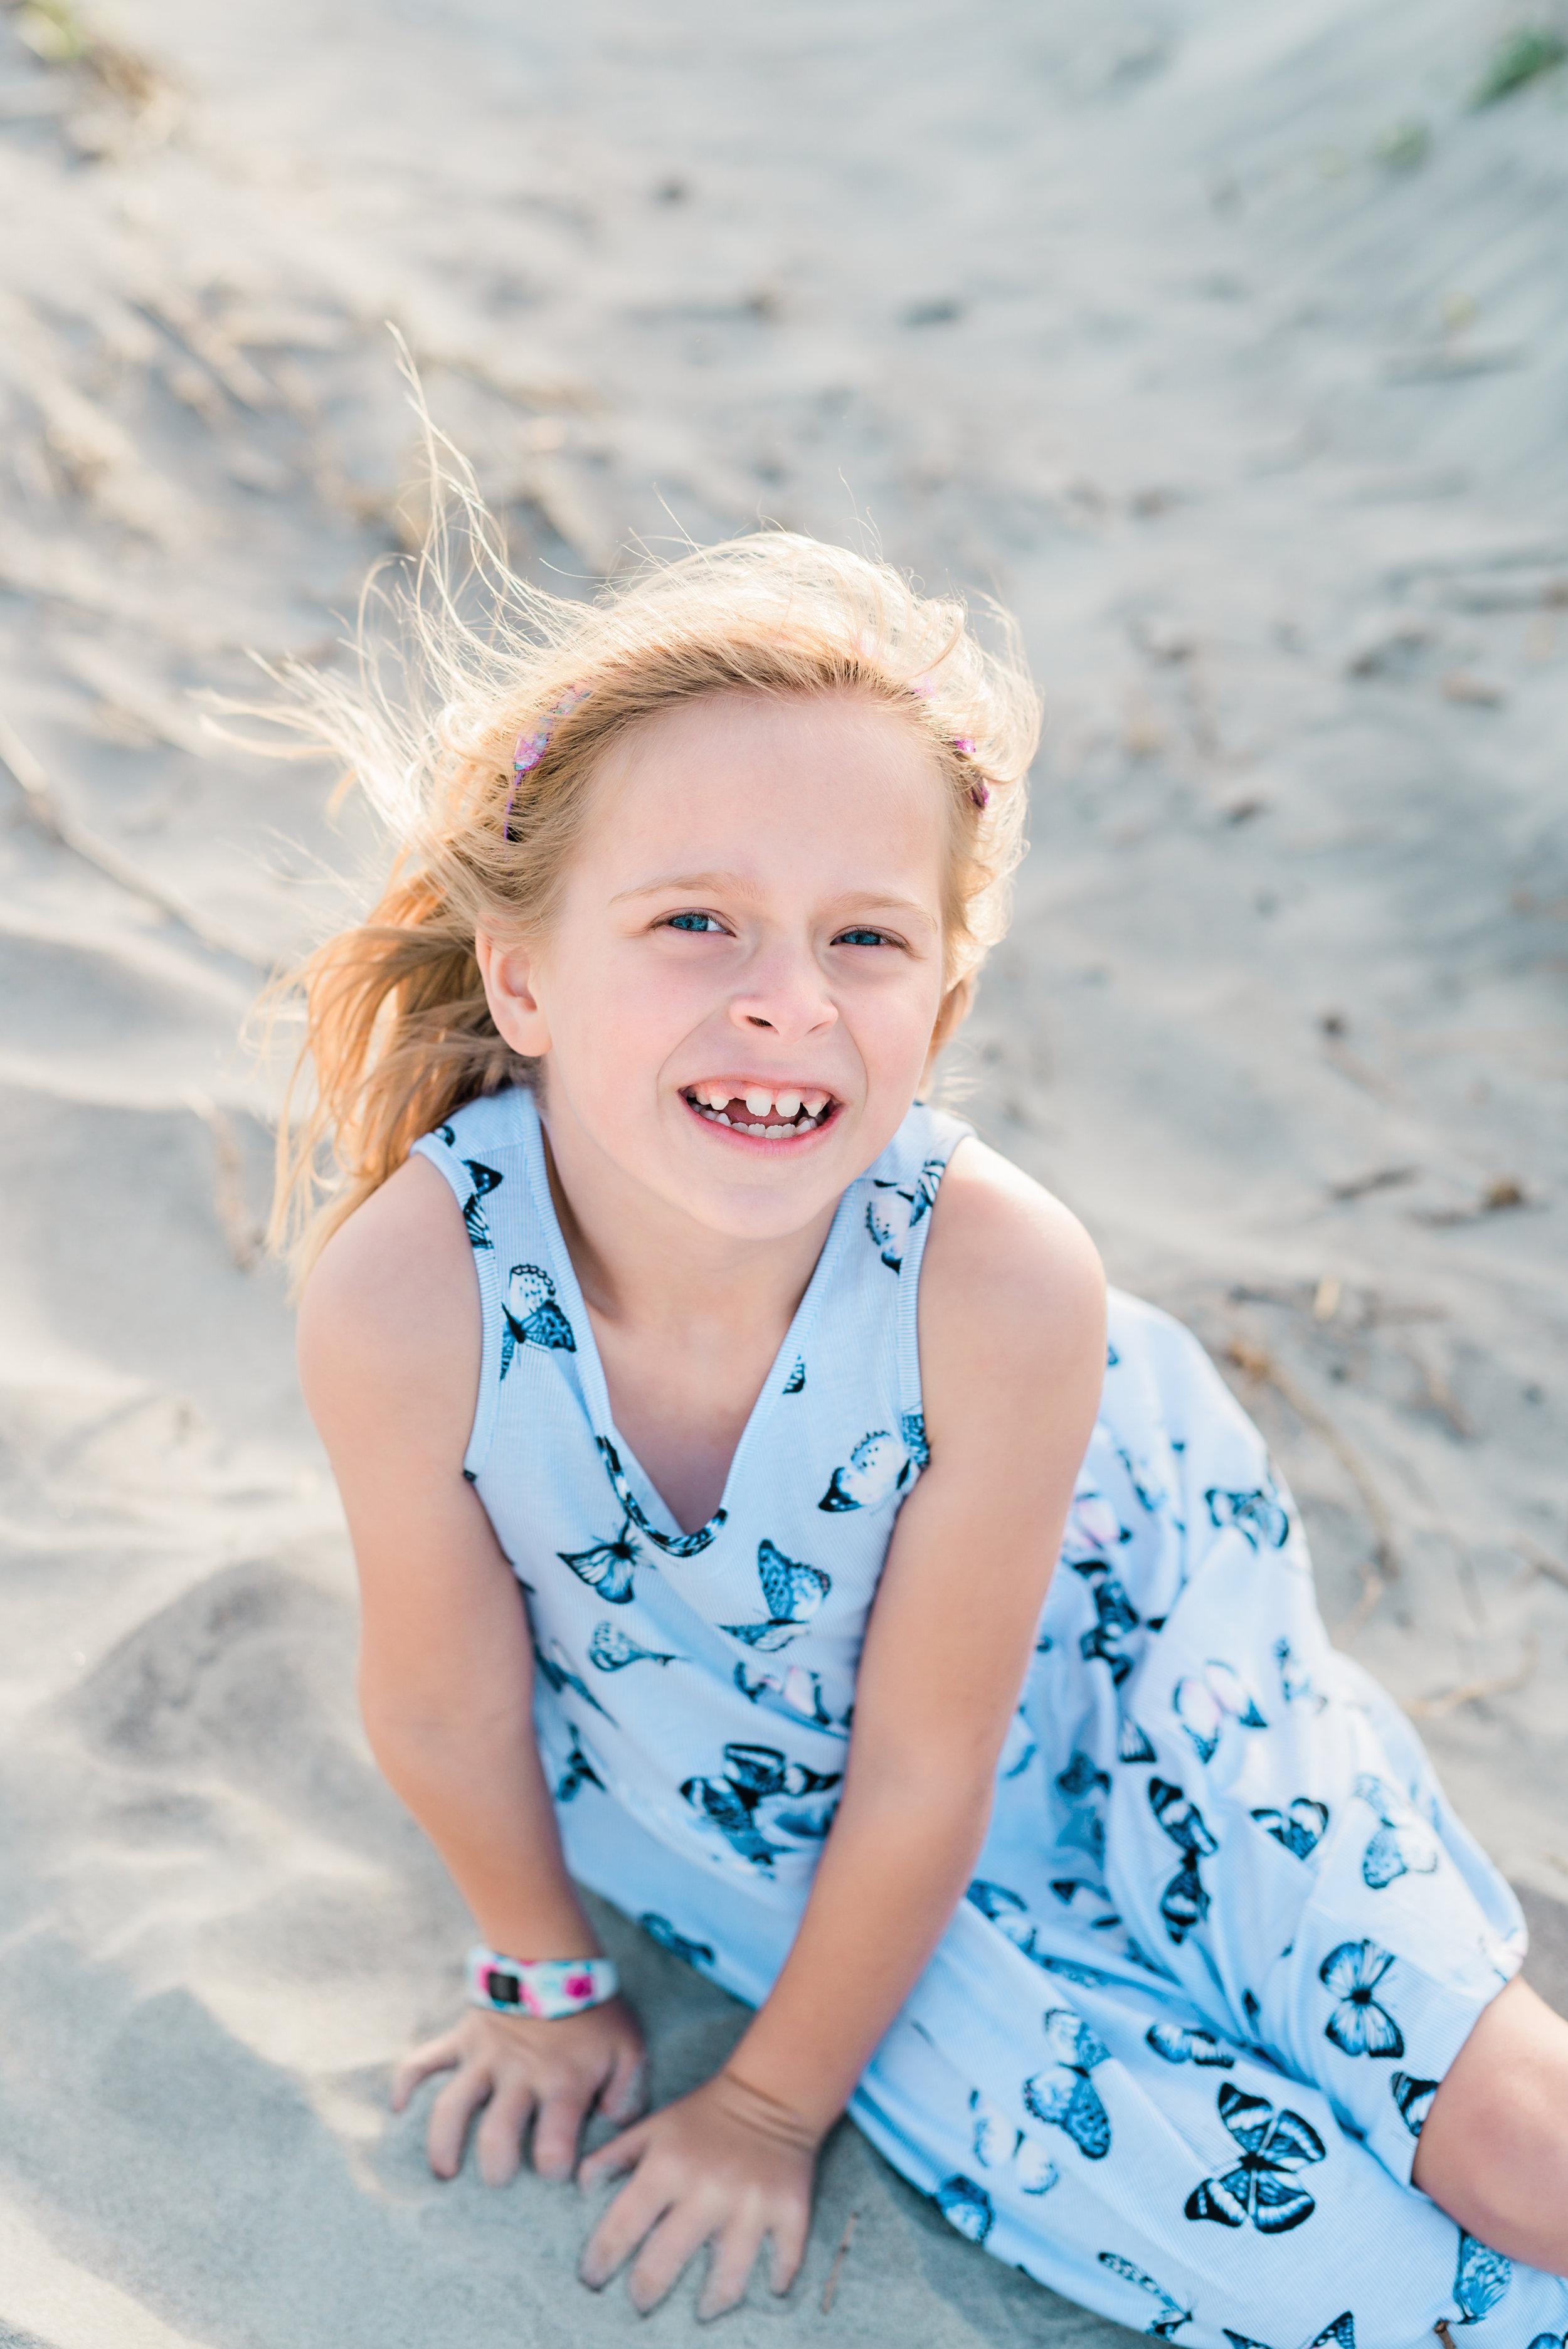 Folly-Beach-Family-Photographer-Following-Seas-Photography-7749 copy.jpg